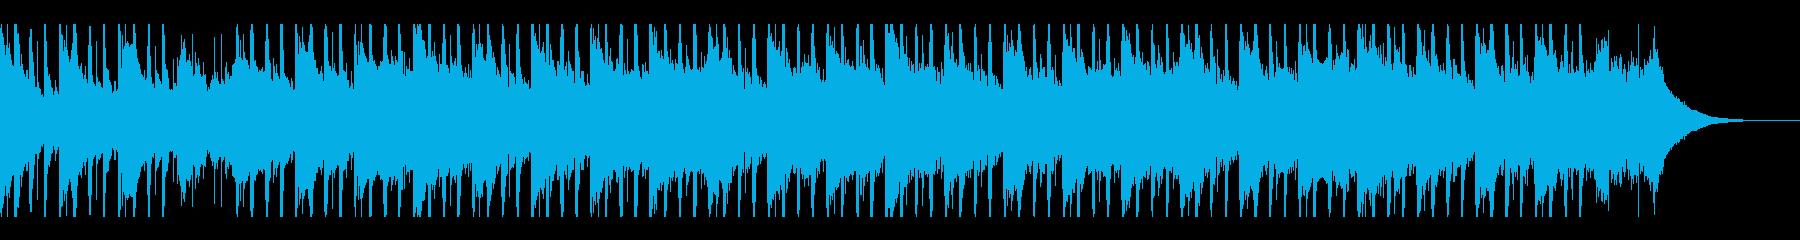 企業業績(60秒)の再生済みの波形